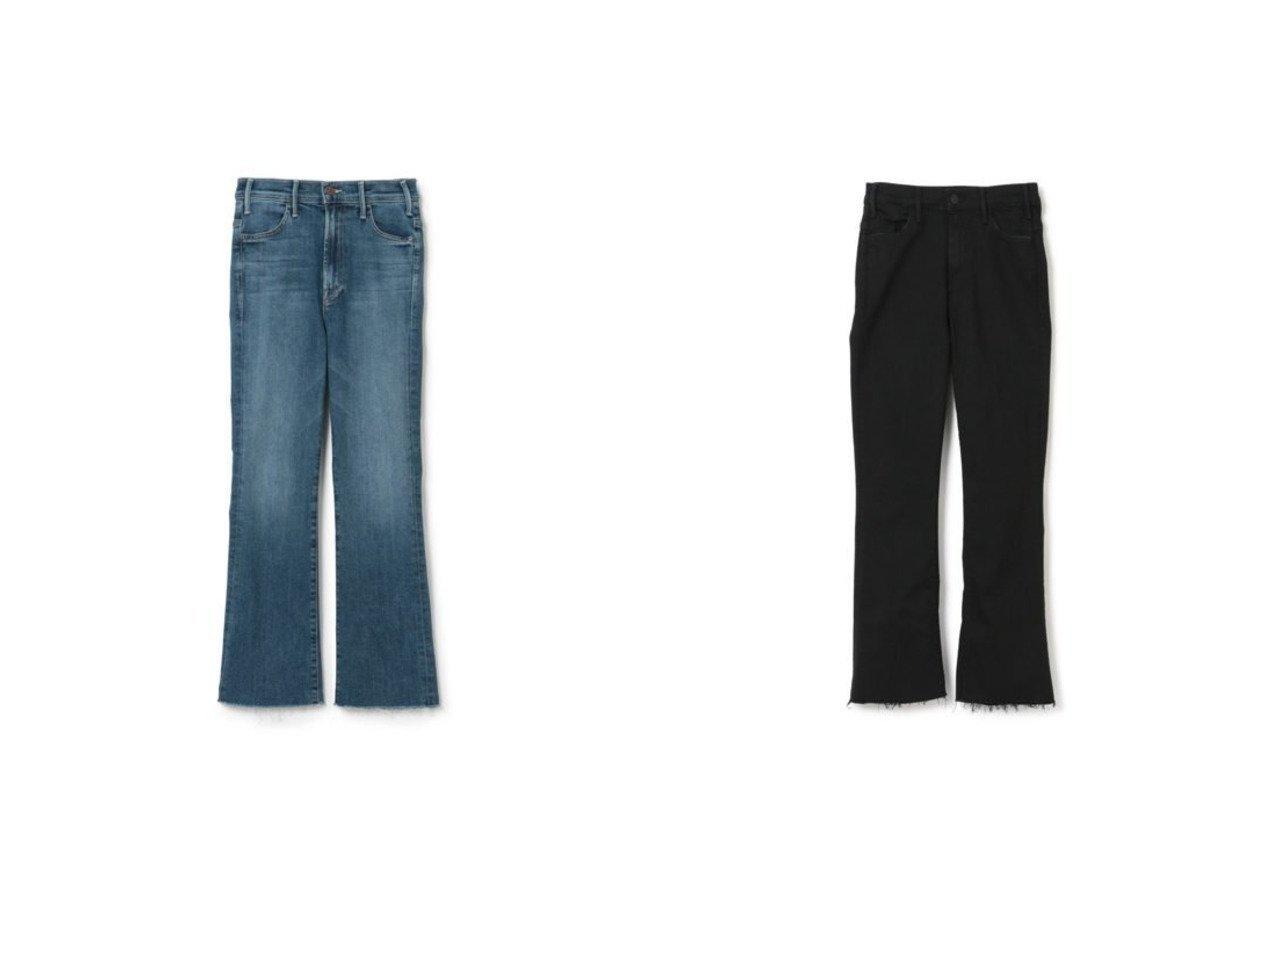 【MOTHER/マザー】のTHE HUSTLER ANKLE FRAY&THE HUSTLER ANKLE FRAY(NTG) 【パンツ】おすすめ!人気、トレンド・レディースファッションの通販 おすすめで人気の流行・トレンド、ファッションの通販商品 インテリア・家具・メンズファッション・キッズファッション・レディースファッション・服の通販 founy(ファニー) https://founy.com/ ファッション Fashion レディースファッション WOMEN パンツ Pants 2021年 2021 2021-2022秋冬・A/W AW・Autumn/Winter・FW・Fall-Winter・2021-2022 A/W・秋冬 AW・Autumn/Winter・FW・Fall-Winter アンクル ウォッシュ ジーンズ デニム レギュラー 洗える |ID:crp329100000070654